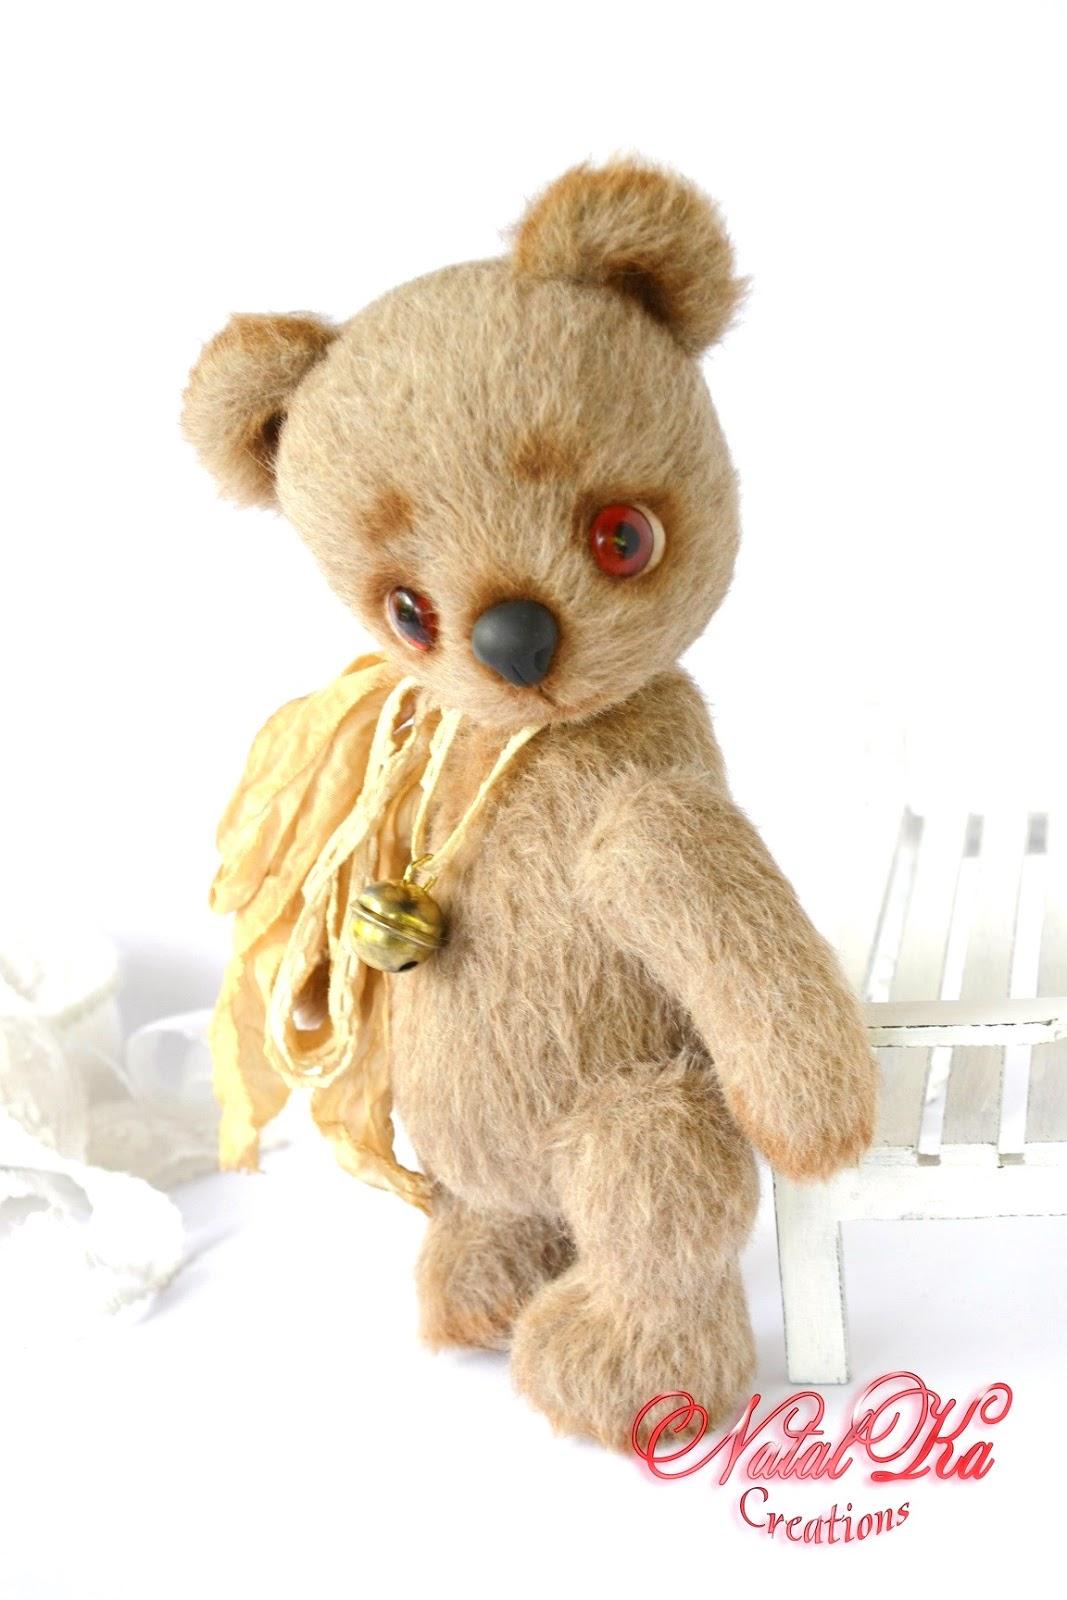 Künstler Teddybär handgemacht von Natalka Creations. Авторский медведь тедди от NatalKa Creations